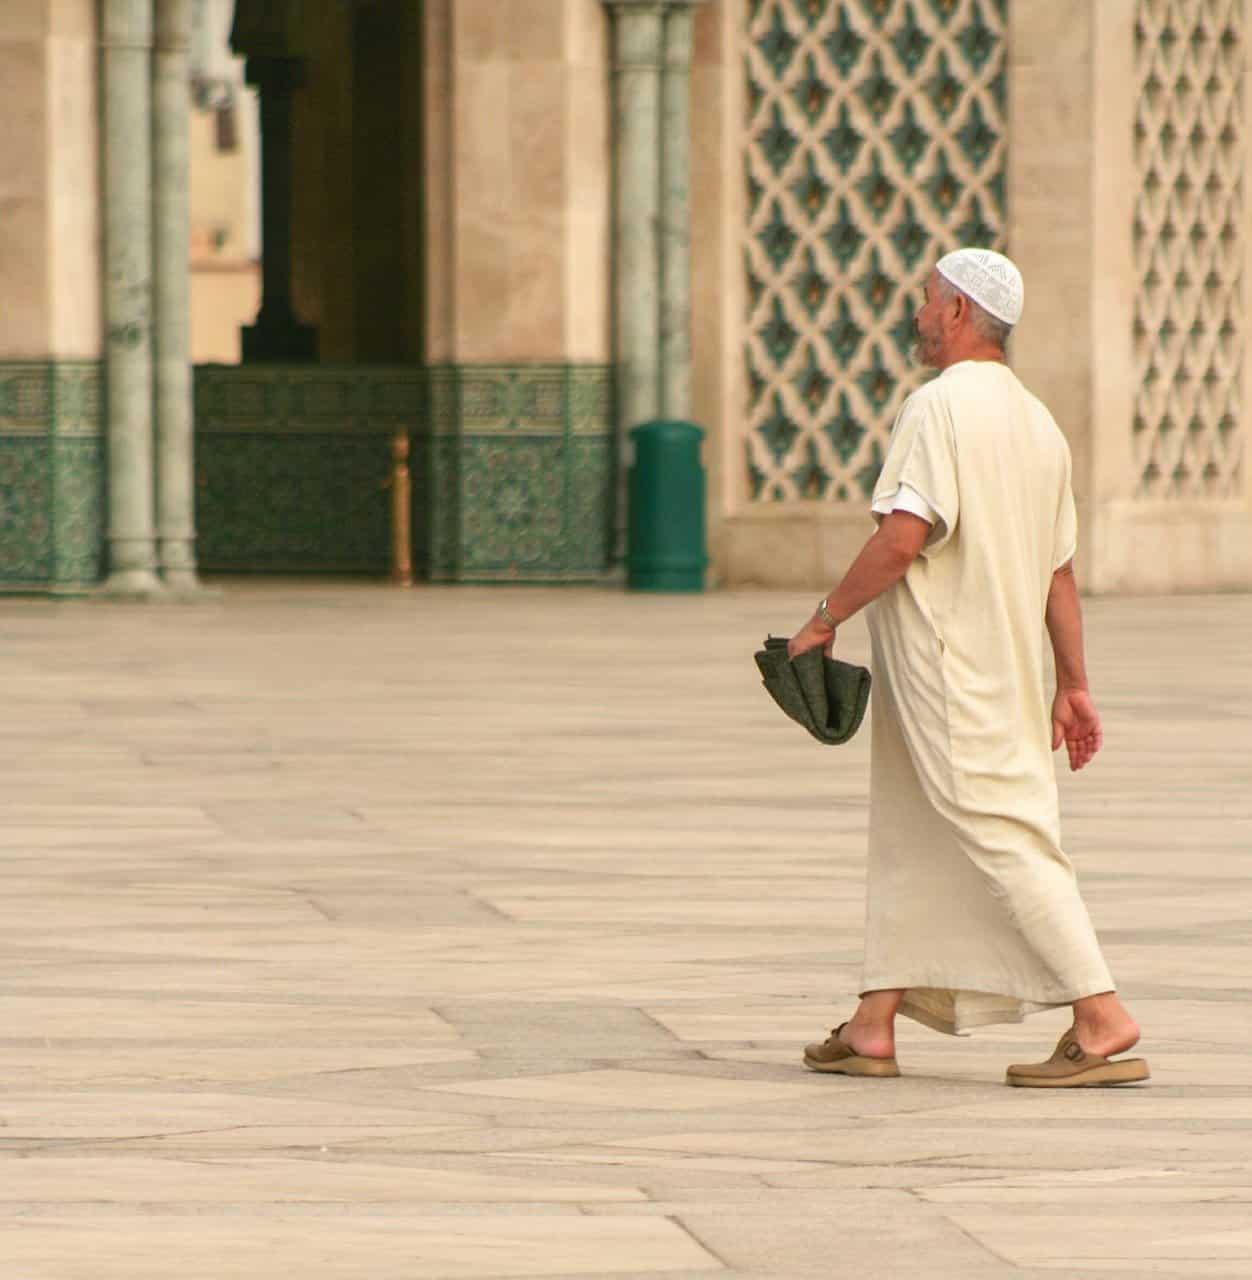 Sifat Dan Karakter Lelaki Sejati bimbingan islam (1)